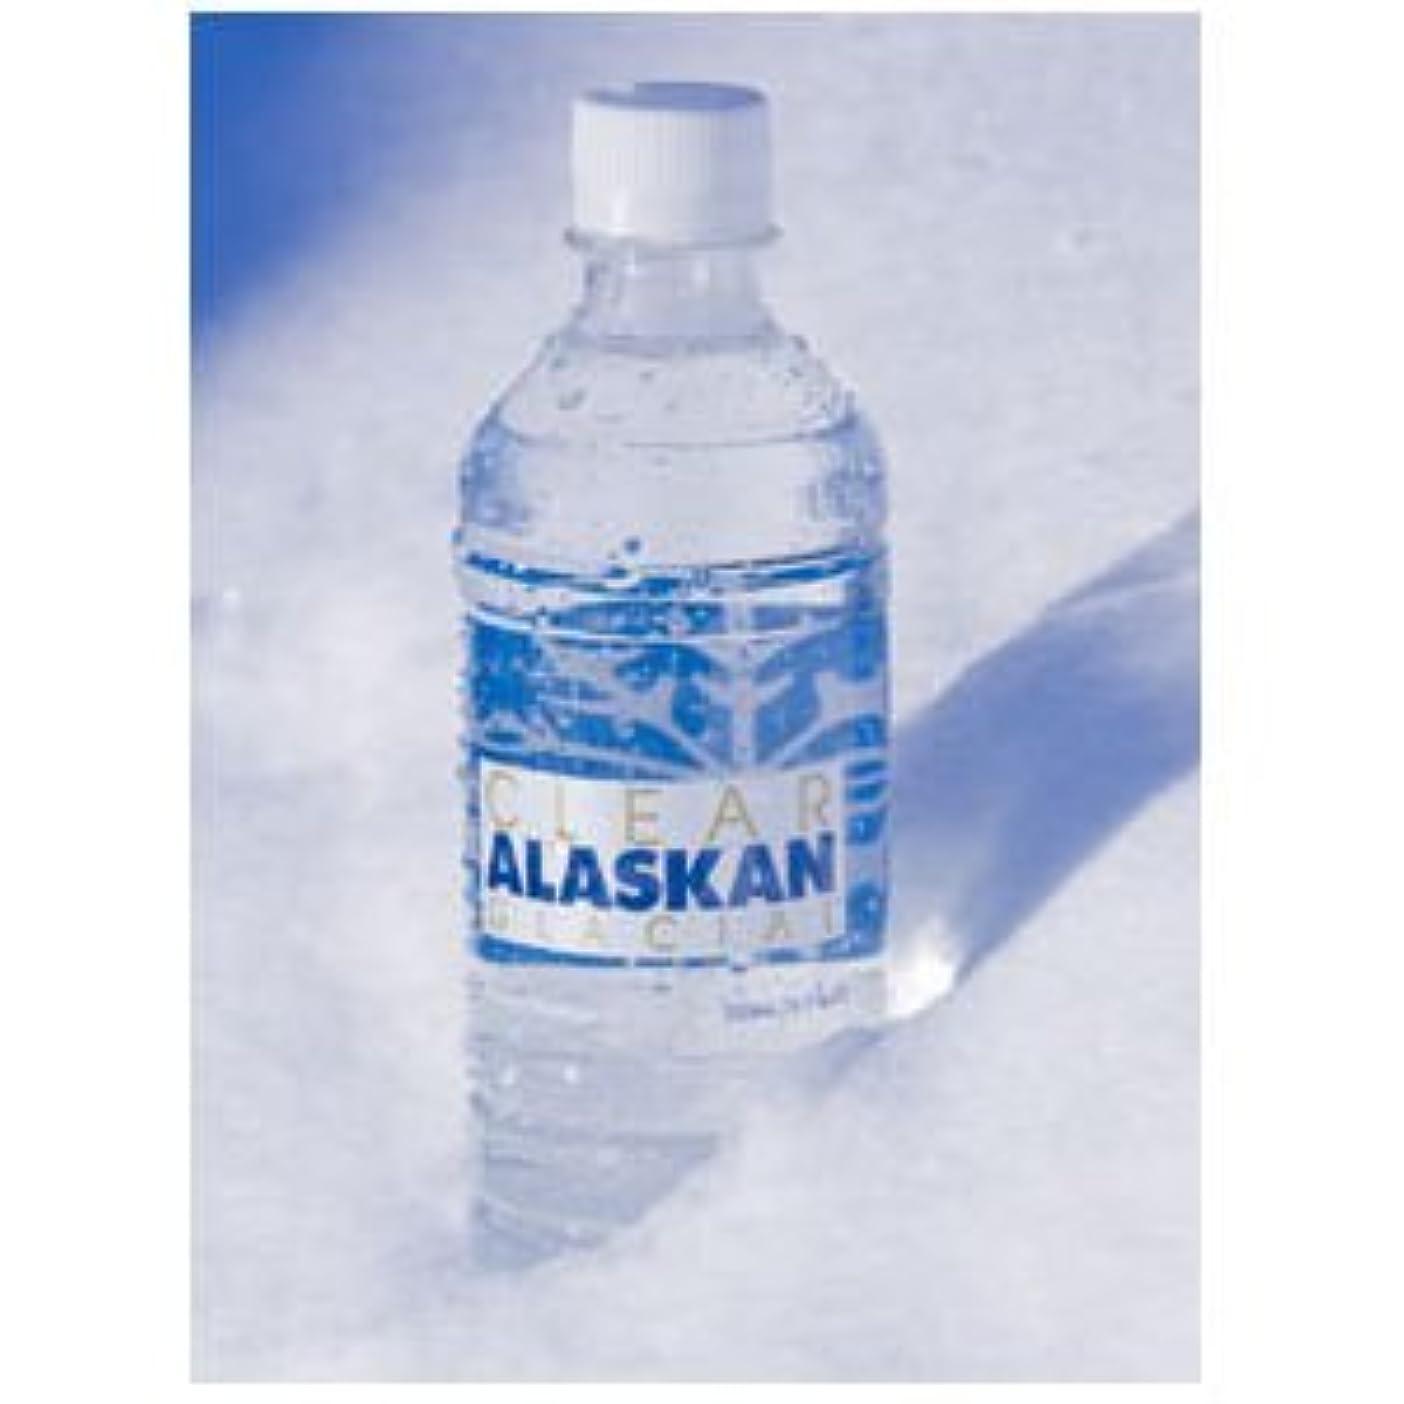 労苦危険にさらされている戦術【X5個セット】 アラスカ 氷河の水 クリアアラスカングレイシャル 500ml